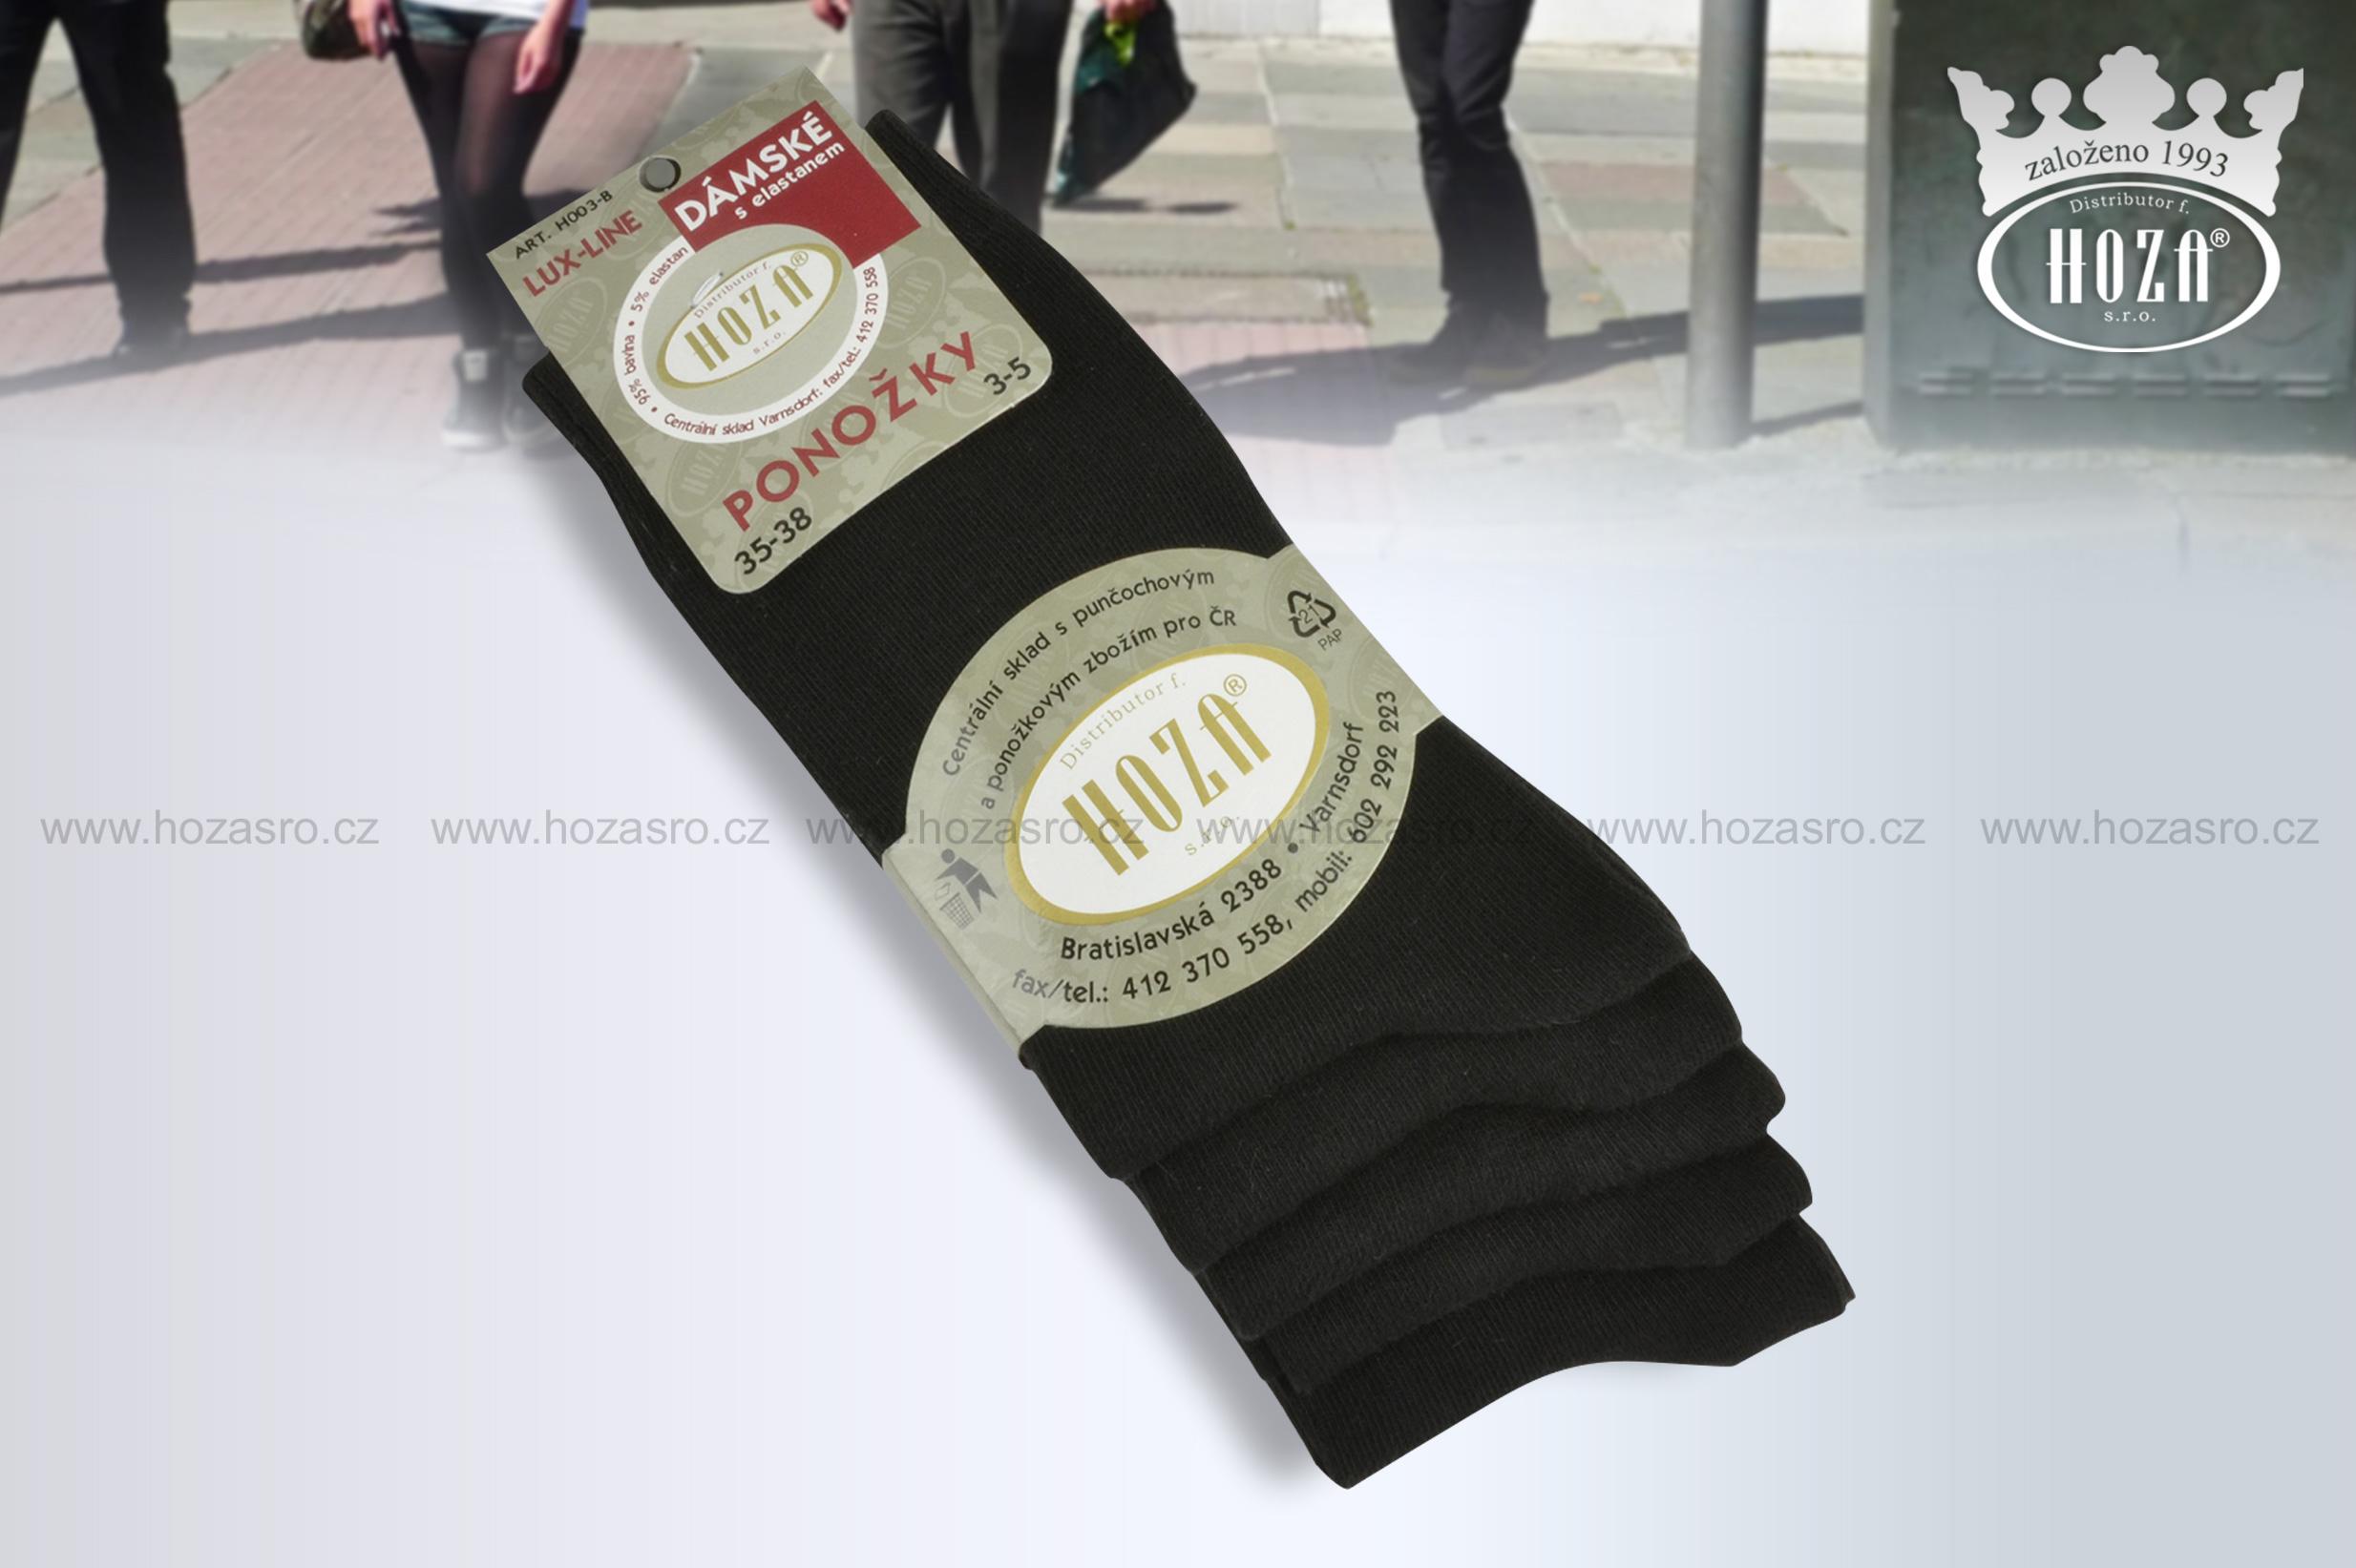 H003 B Dámské ponožky s elastanem - černé. otevřít v maximálním rozlišení 0ce0709ea6